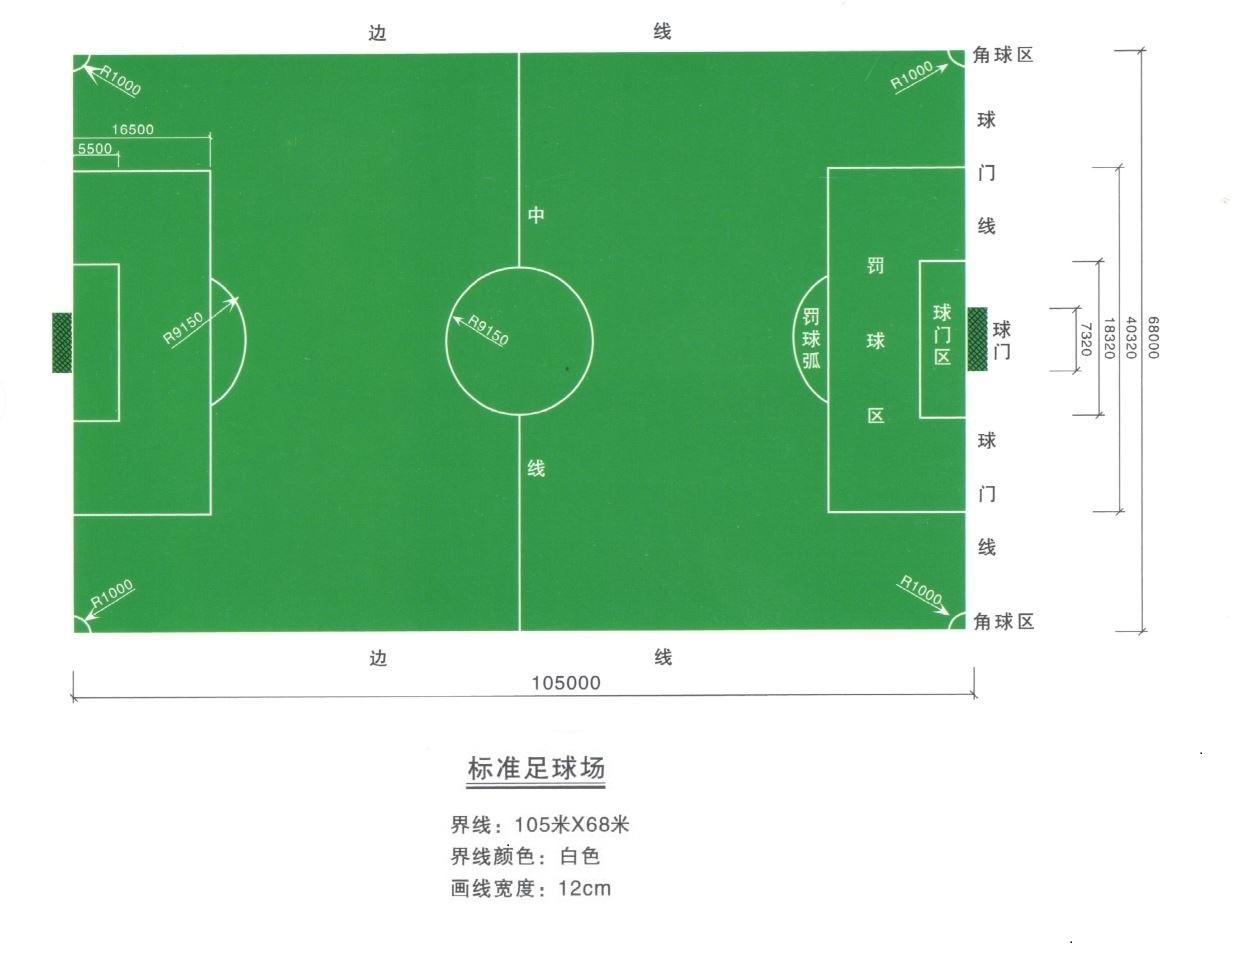 标准足球场.jpg